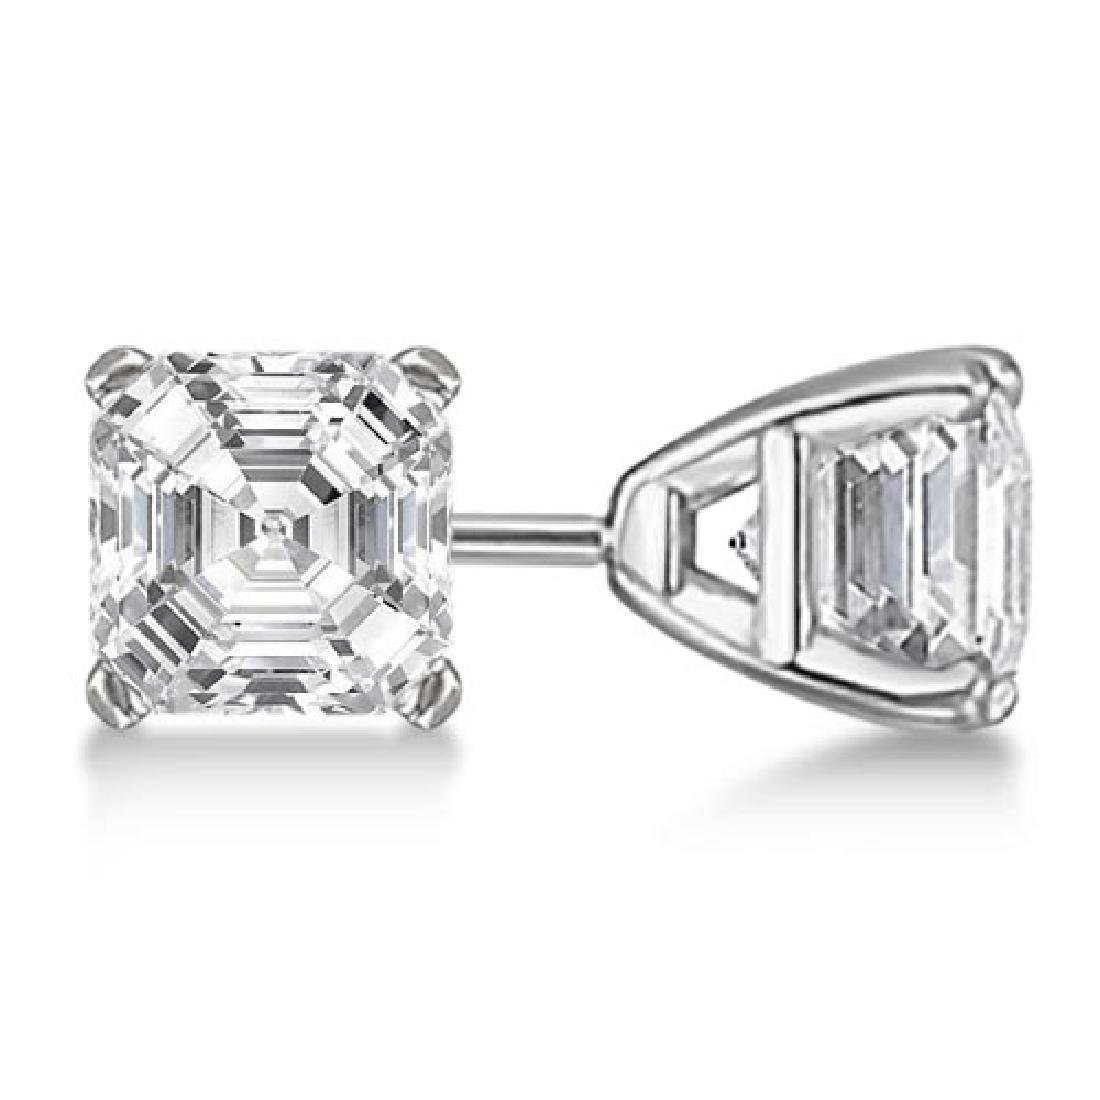 Dangle Christian Diamond Cross Earrings 14K White Gold